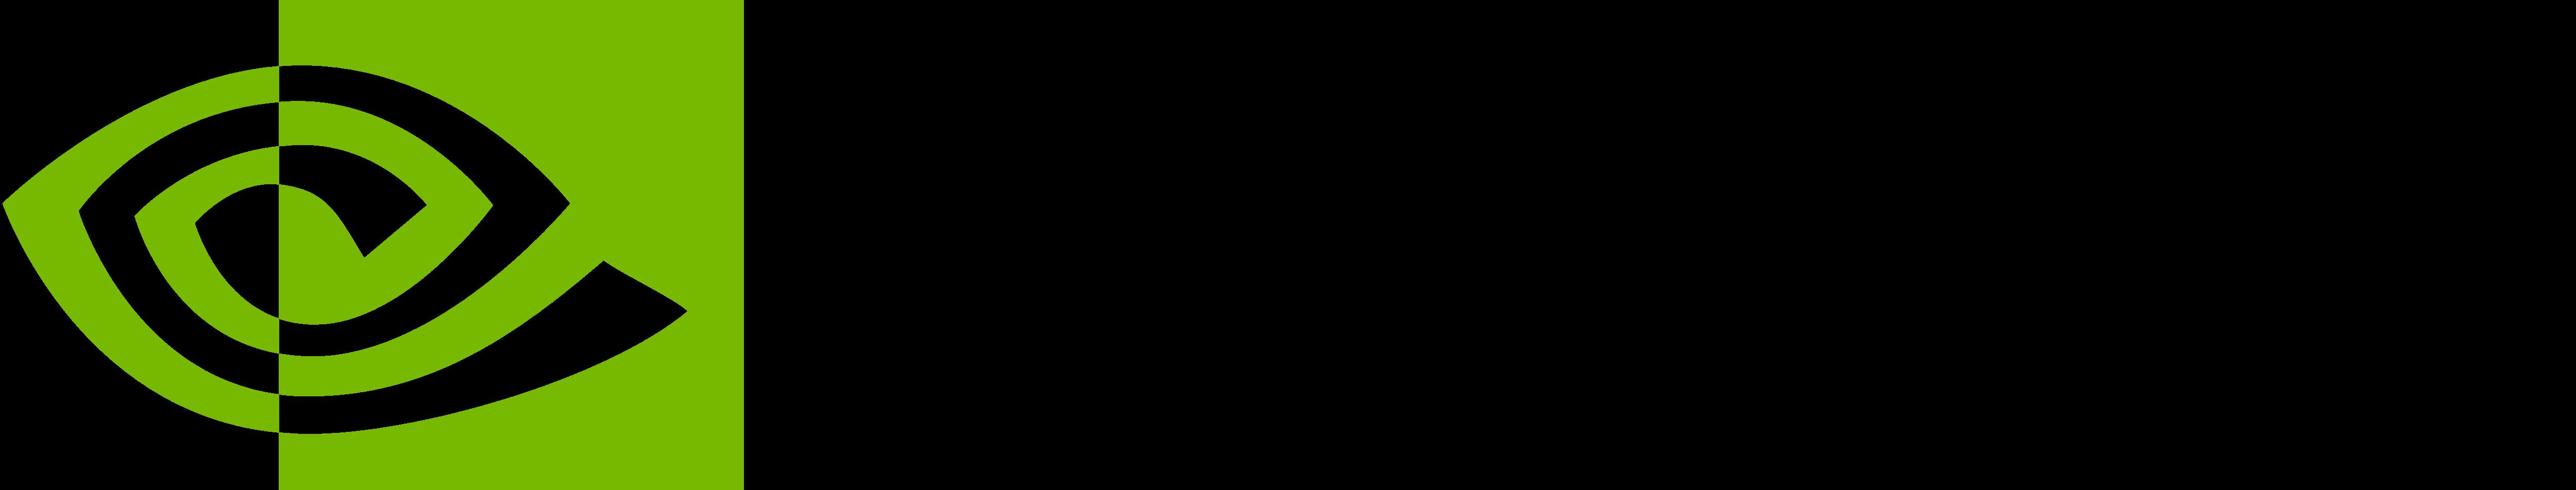 2134_orig